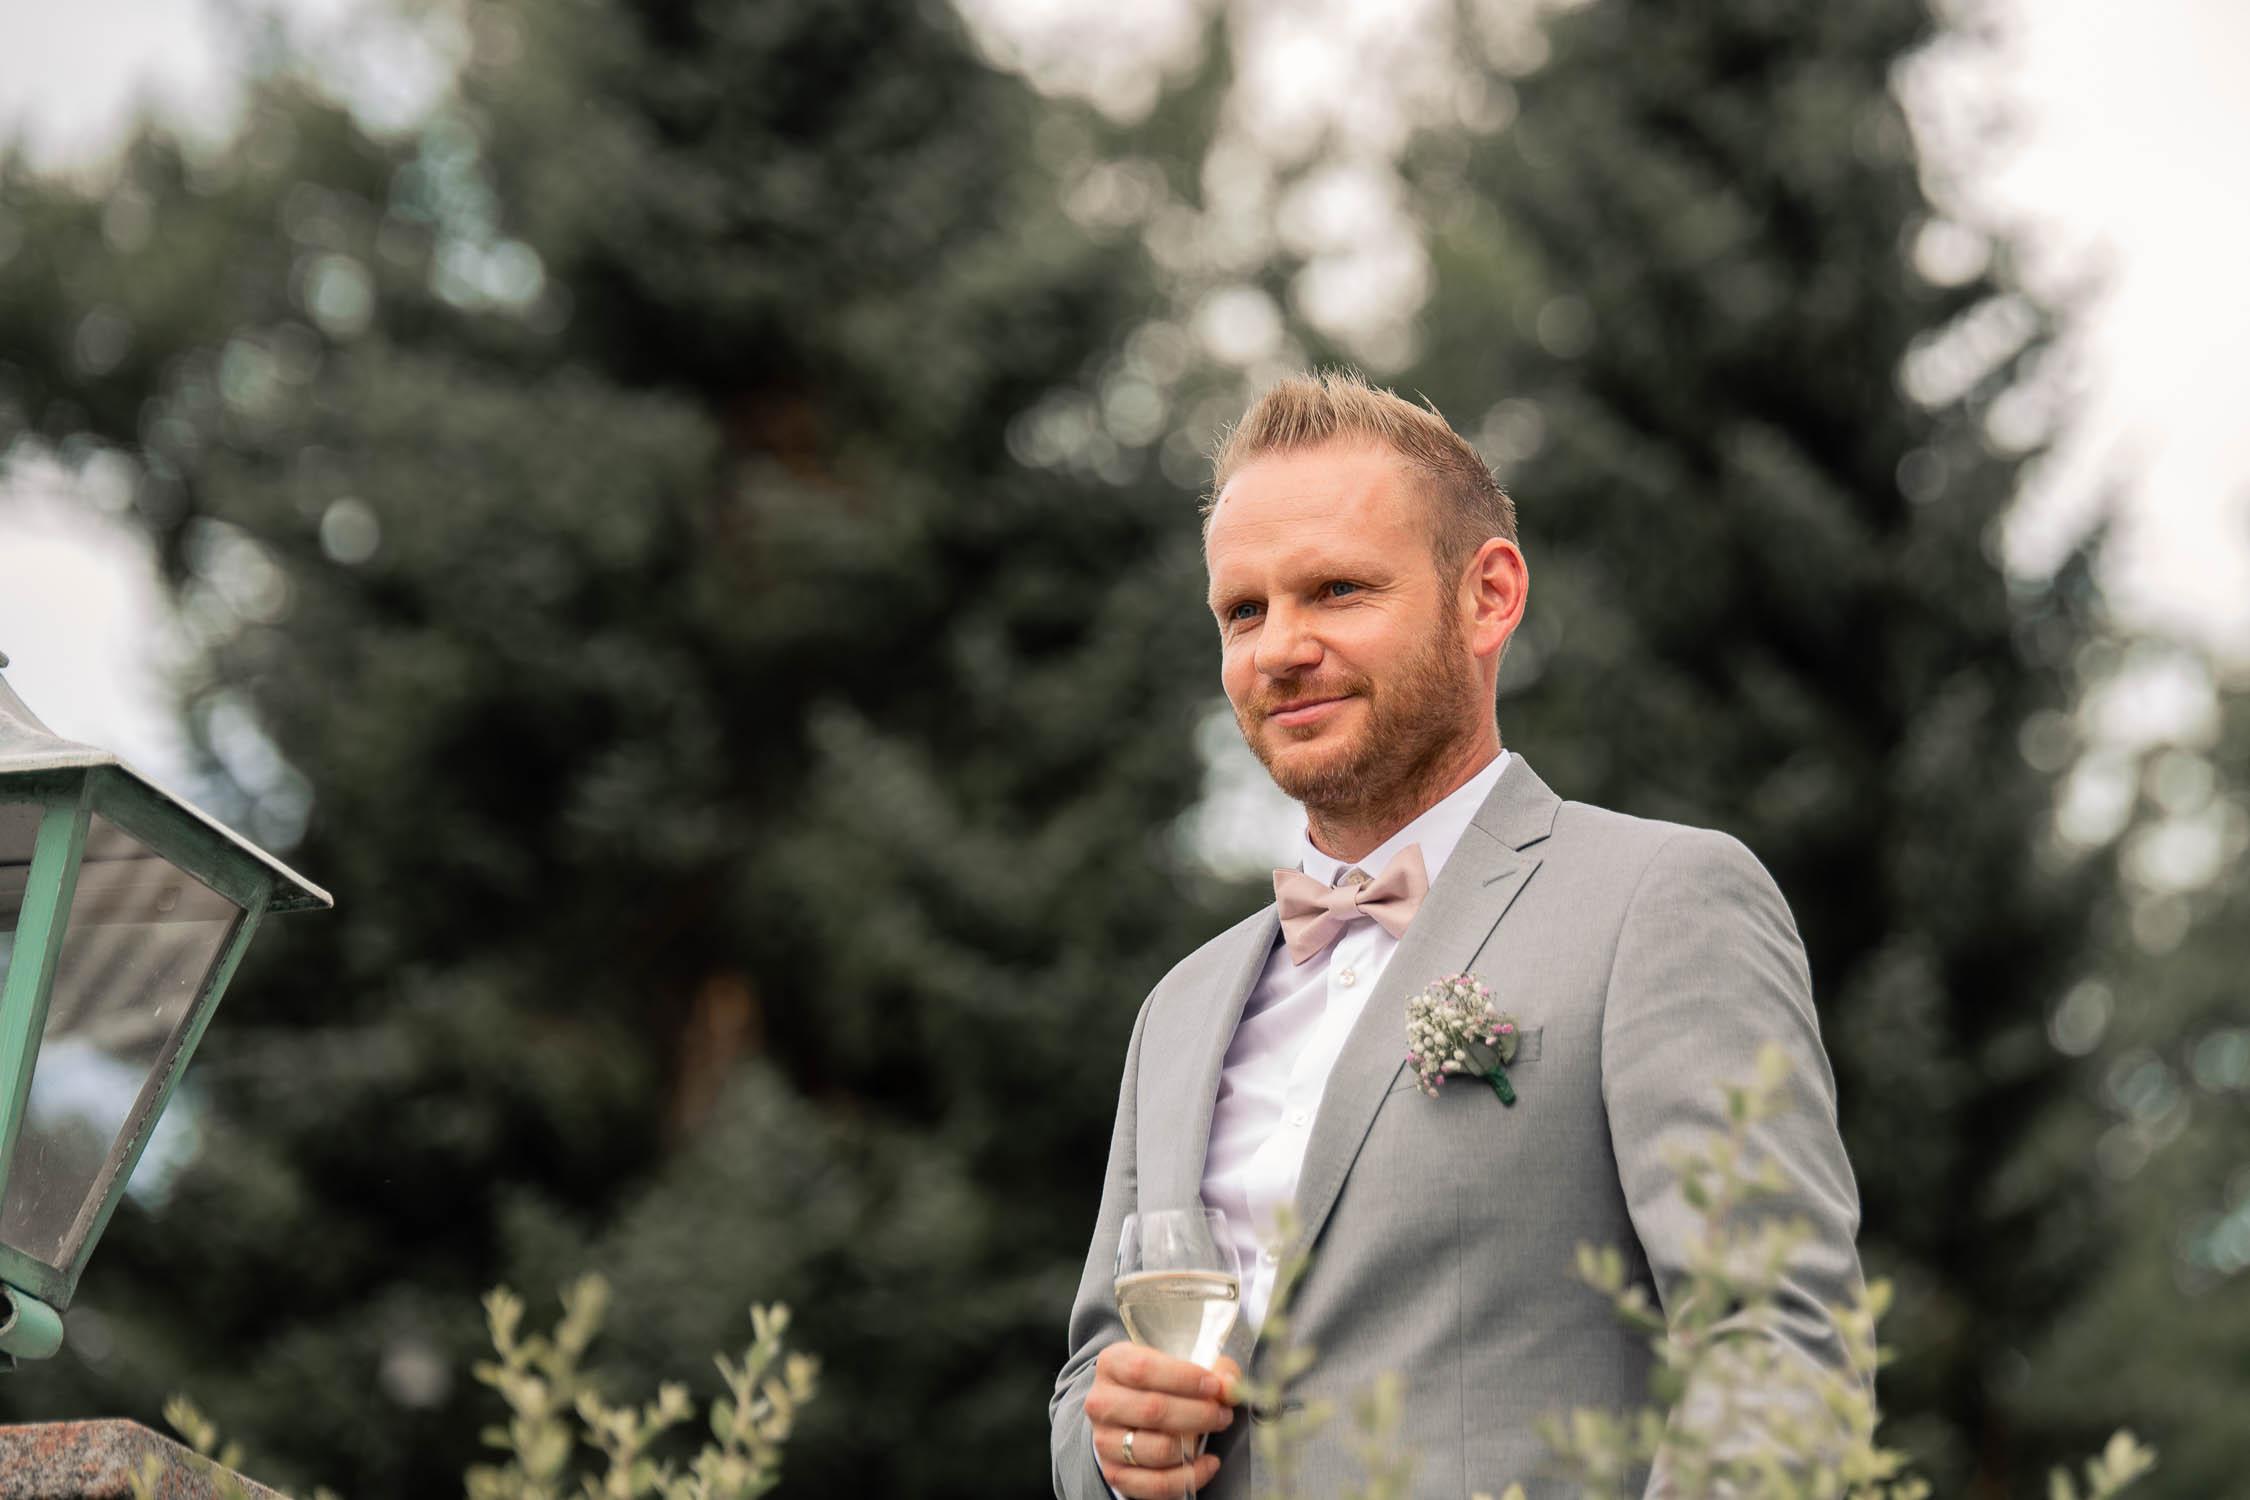 Authentische Hochzeitsfotografie Hochzeitsfotograf Koeln Andre Bastos Fotoggrafie 22 min – gesehen bei frauimmer-herrewig.de